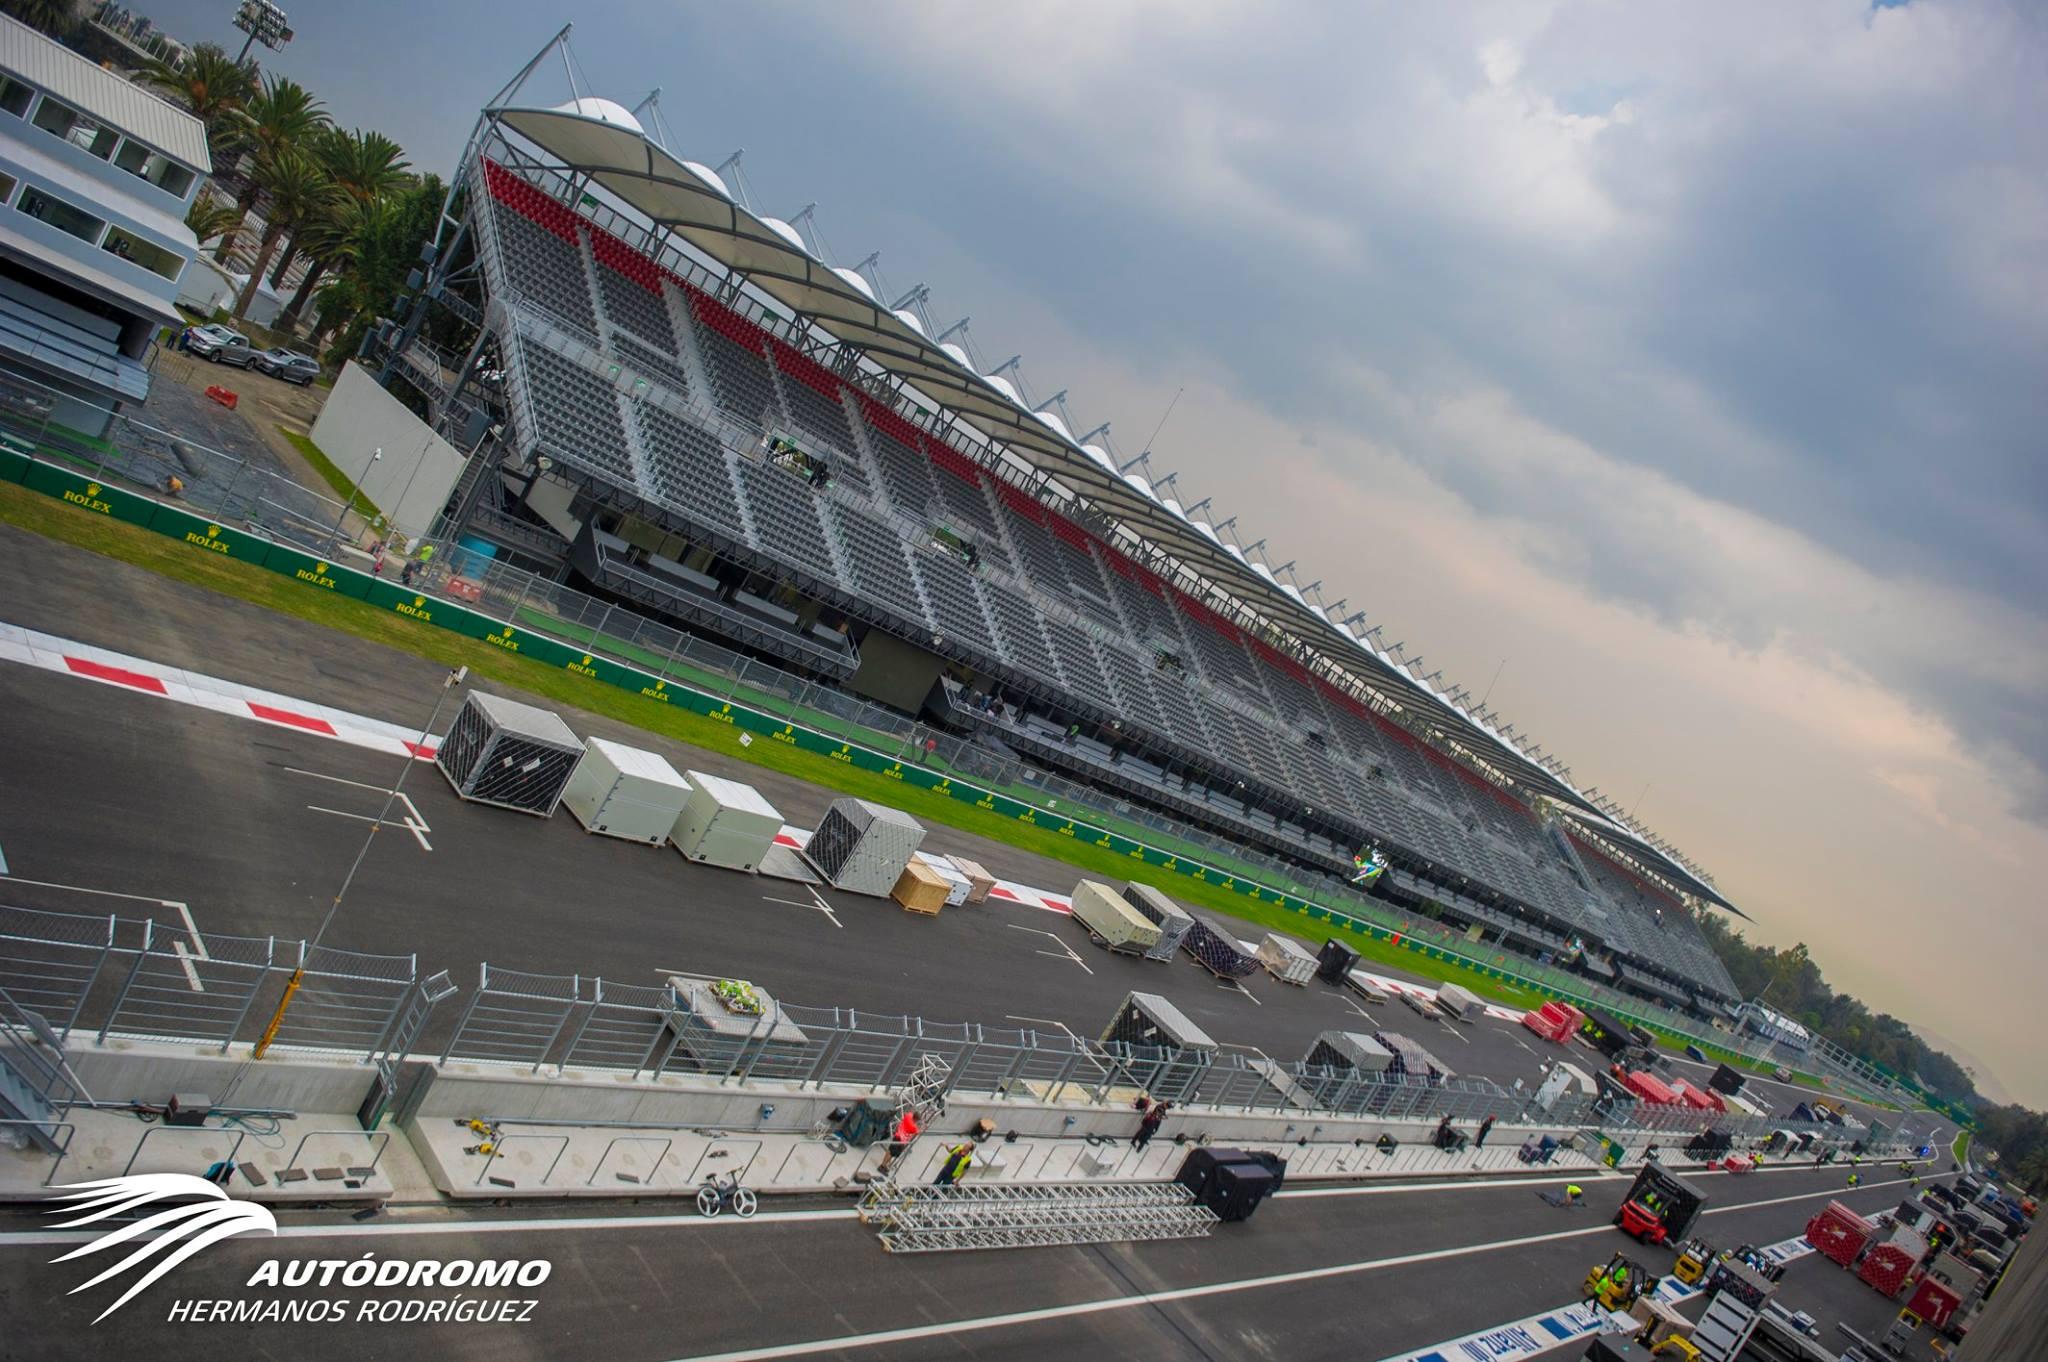 Egy giga-nagy képgaléria érkezett Mexikóból: így készülnek az F1-es csapatok